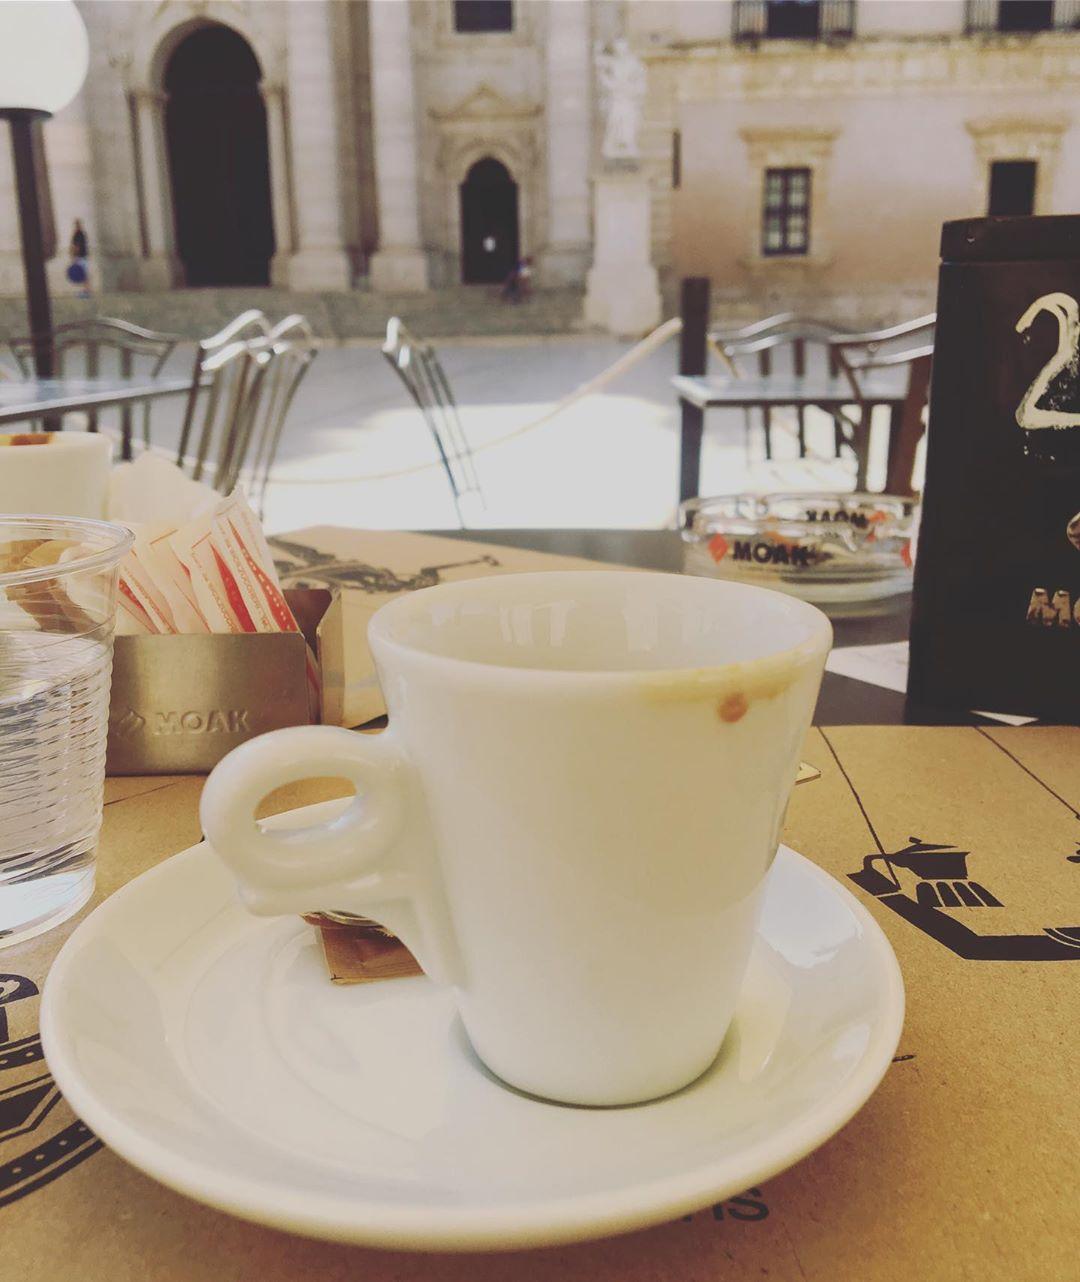 Seduta in quel caffè io non pensavo a te